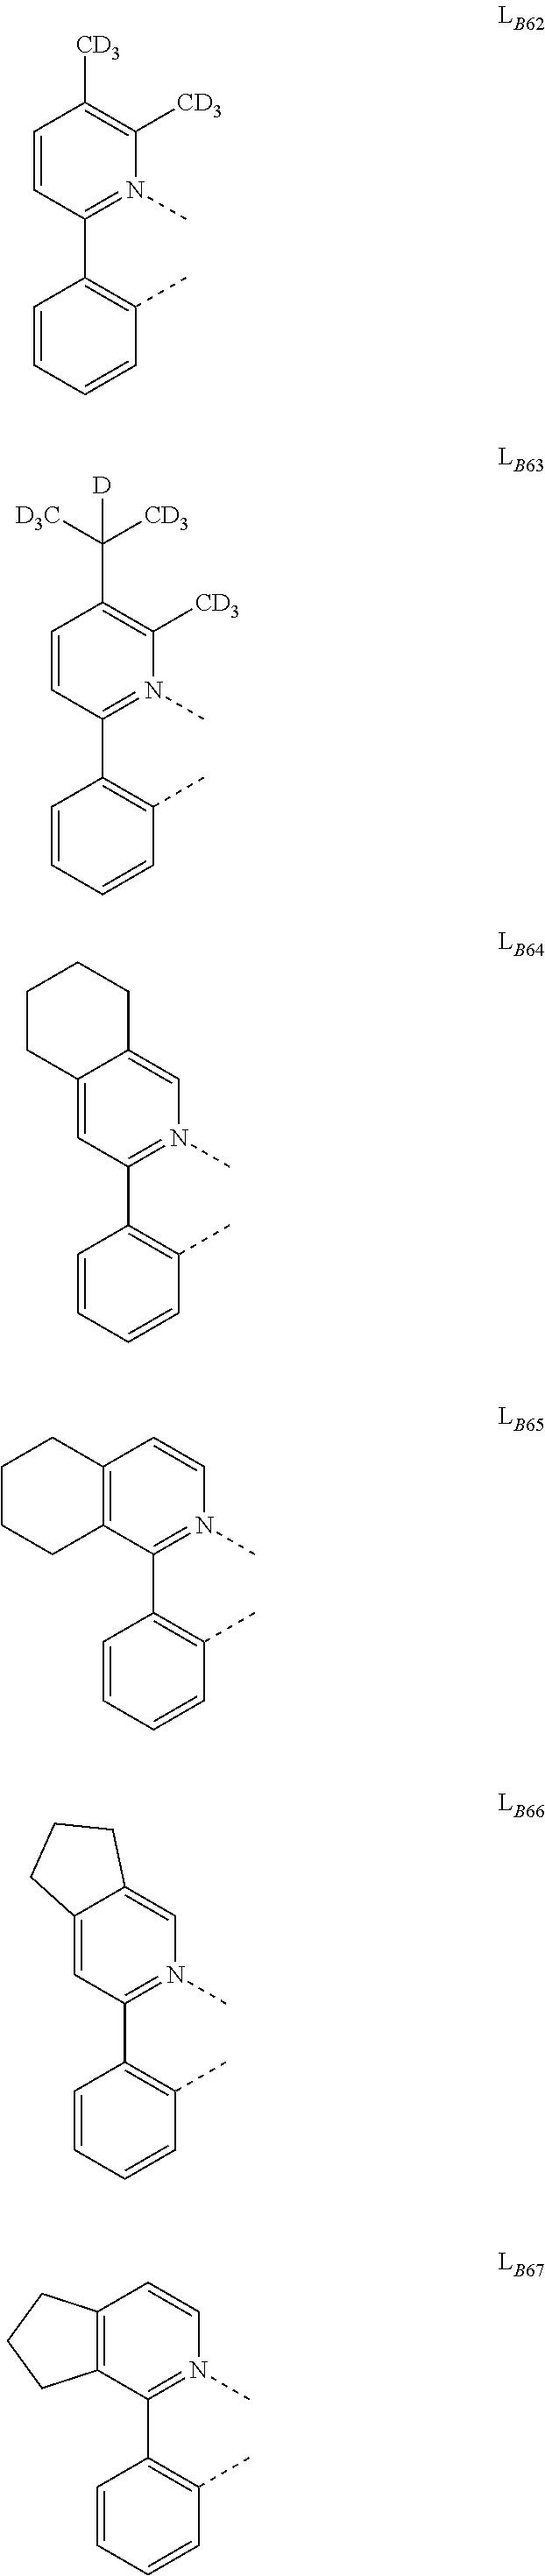 Figure US09929360-20180327-C00049